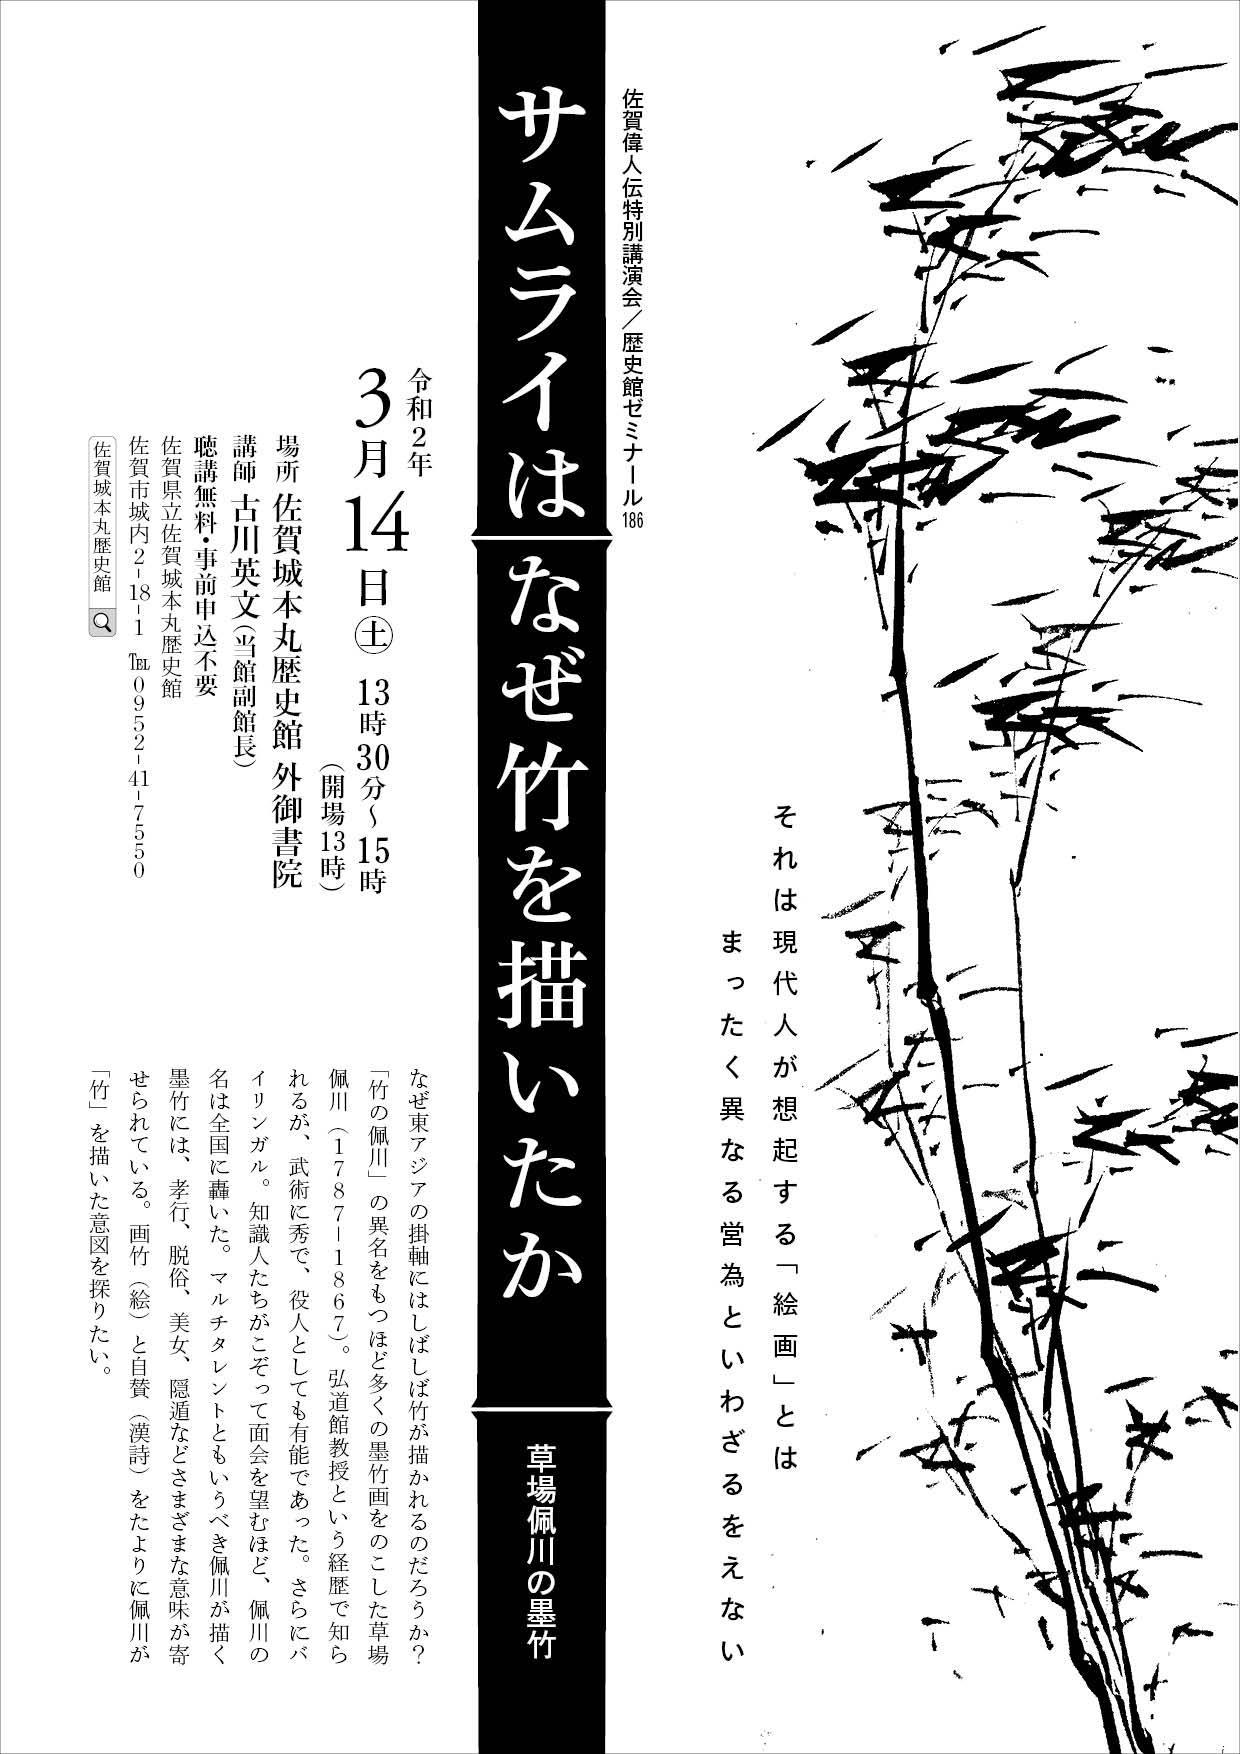 3月歴ゼミチラシフチ有修正.jpg